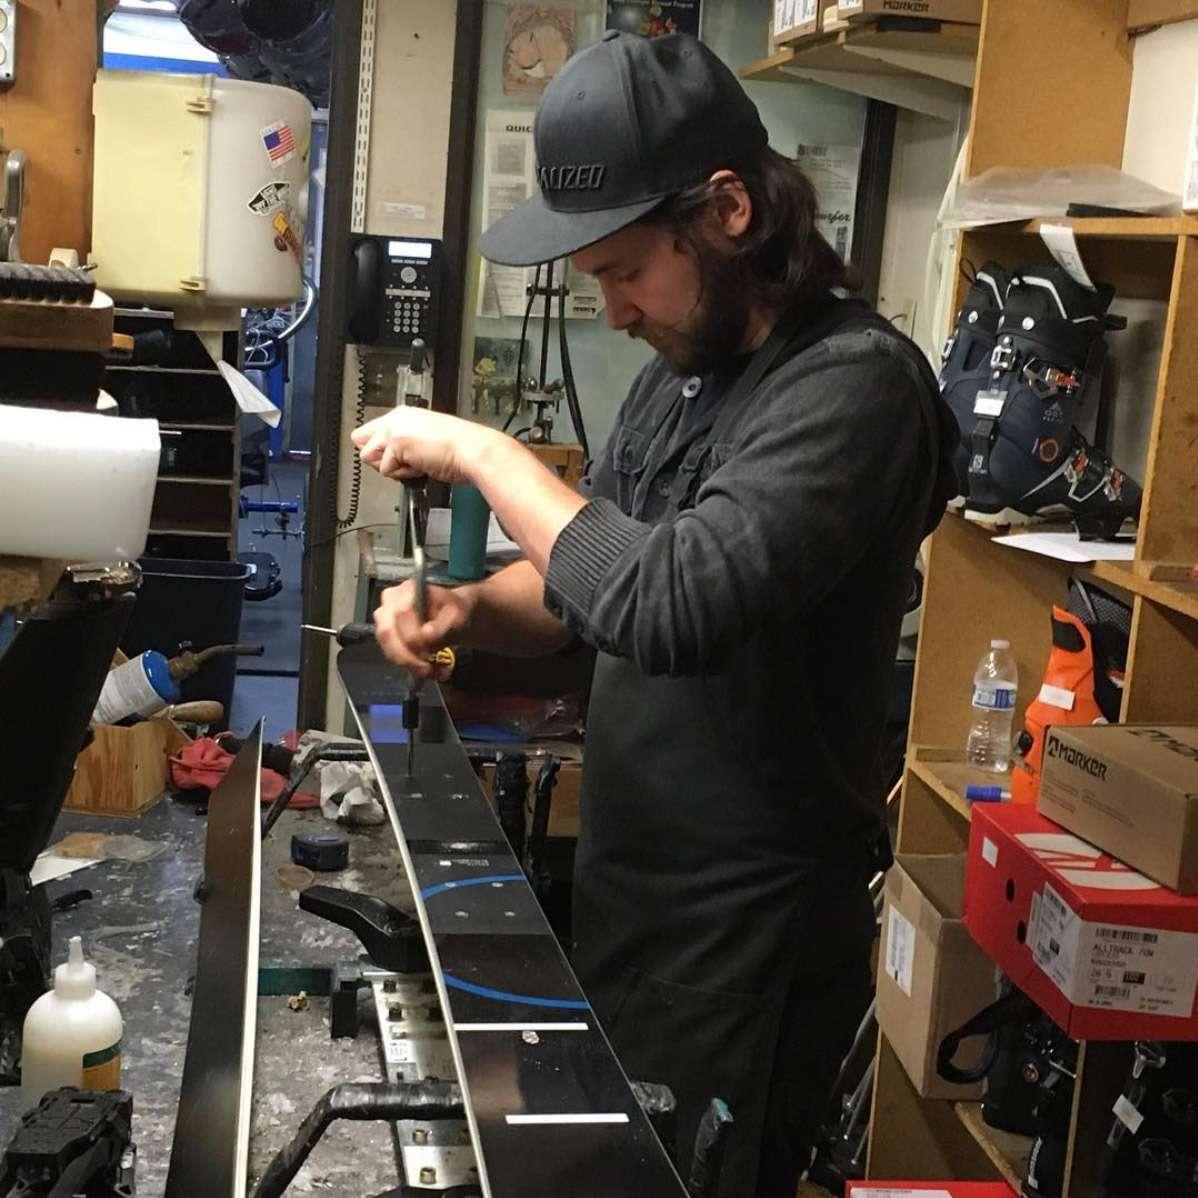 Ski Technician tuning skis